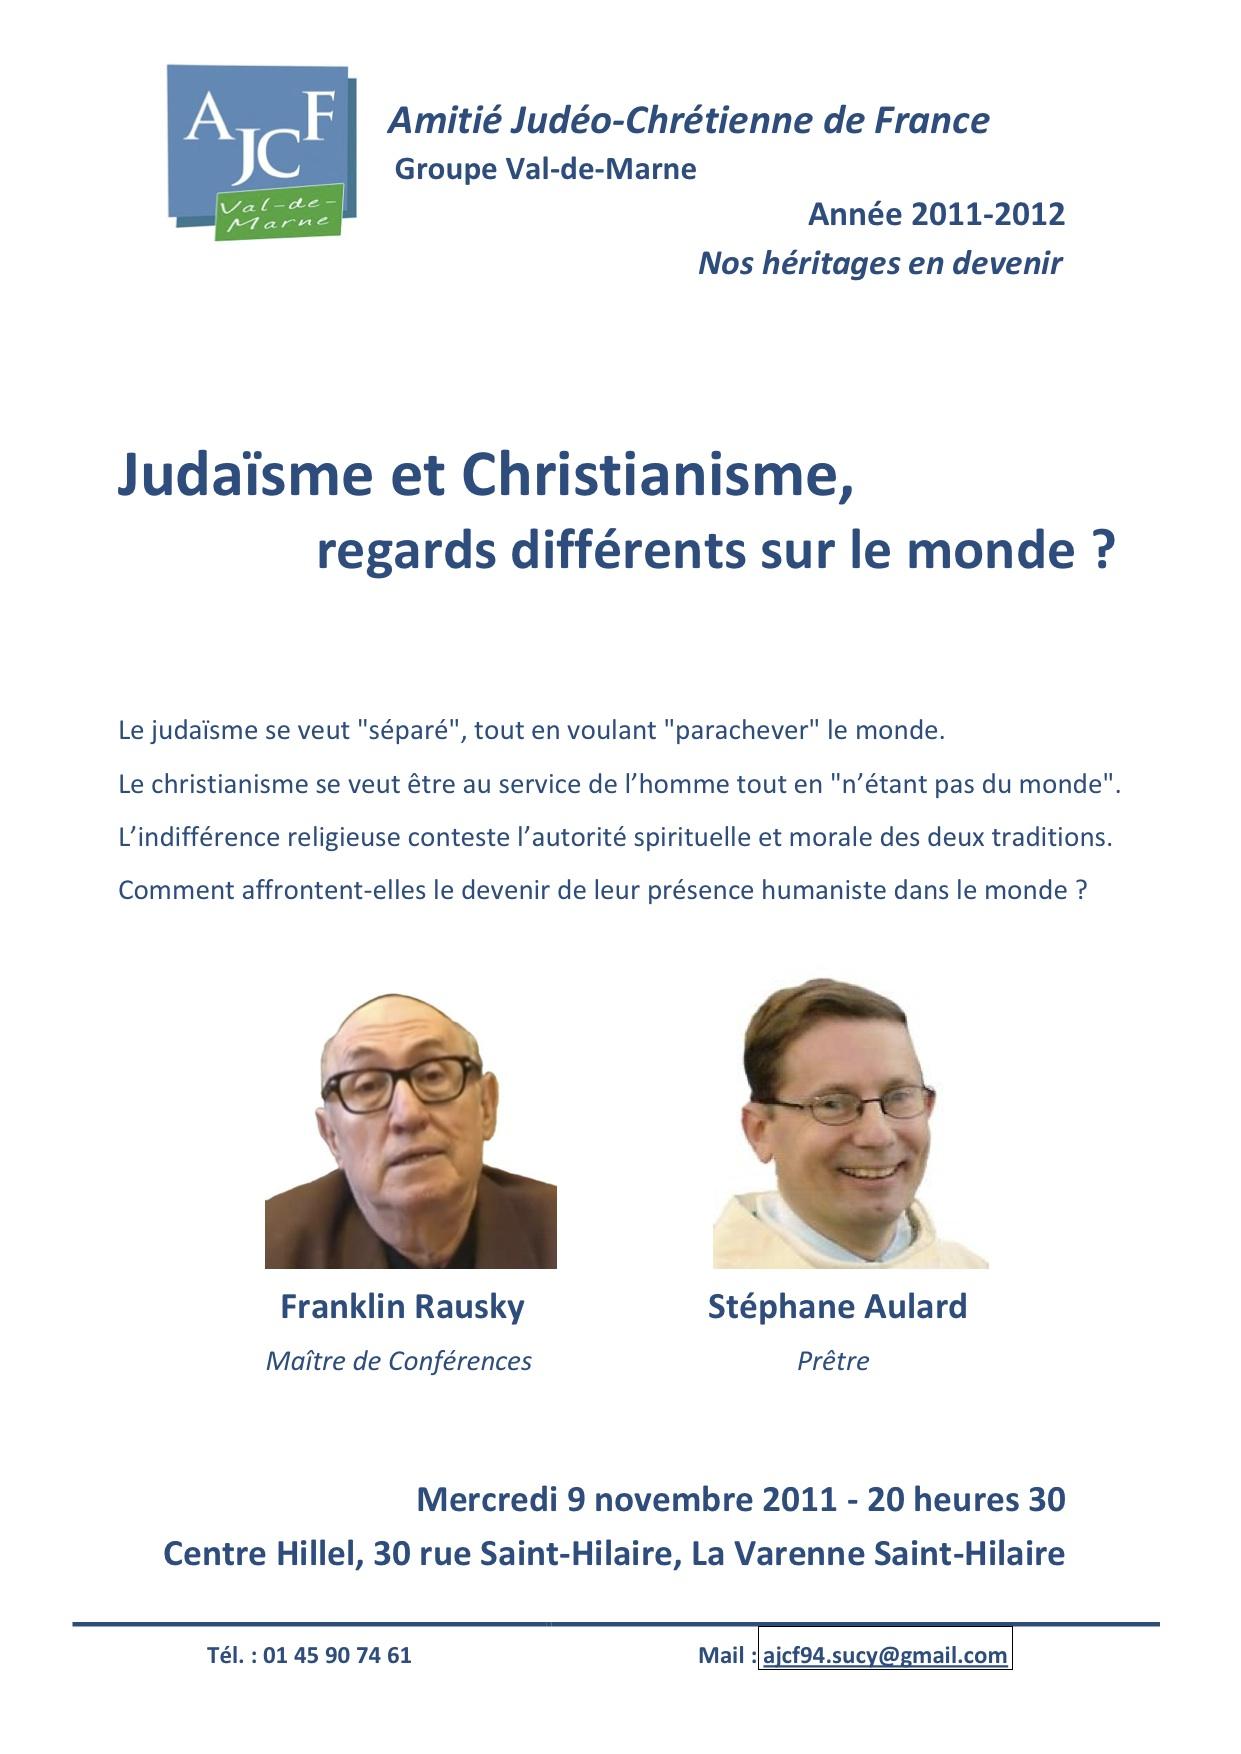 Amitié Judéo Chrétienne nov 2011